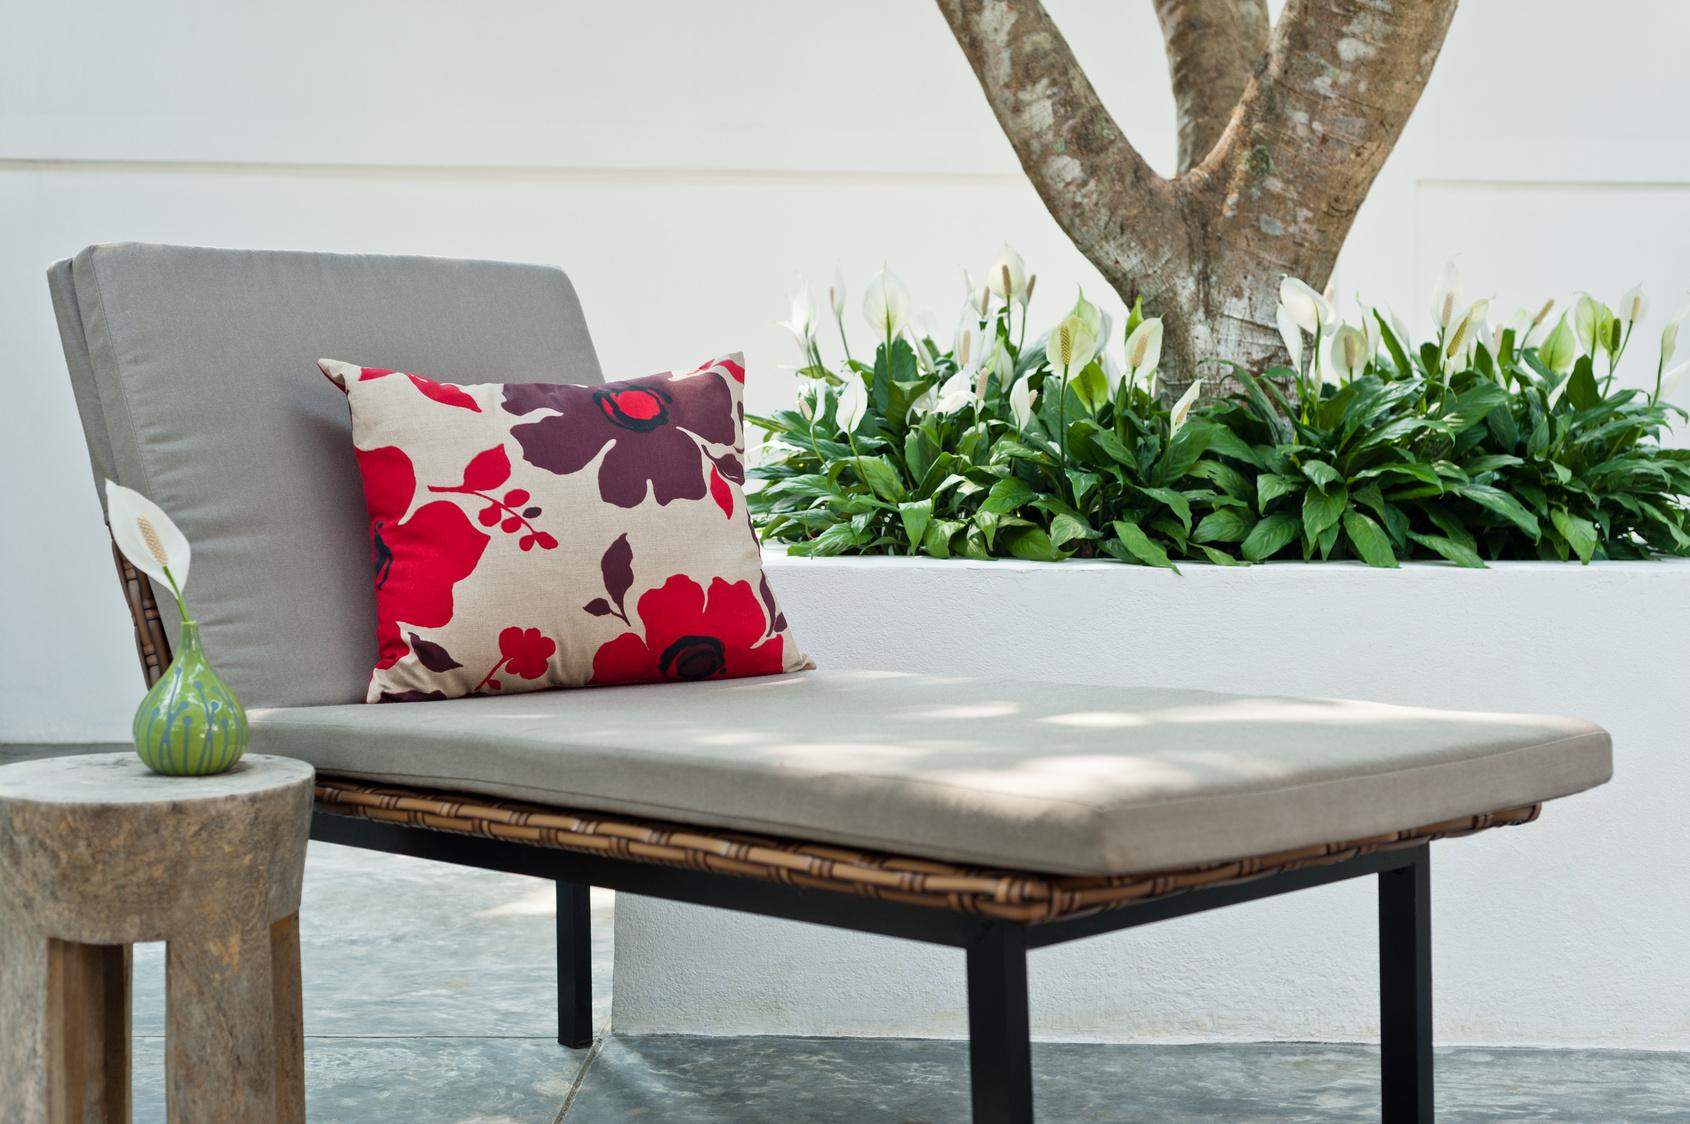 5 id es de d coration pour petit balcon estelle. Black Bedroom Furniture Sets. Home Design Ideas